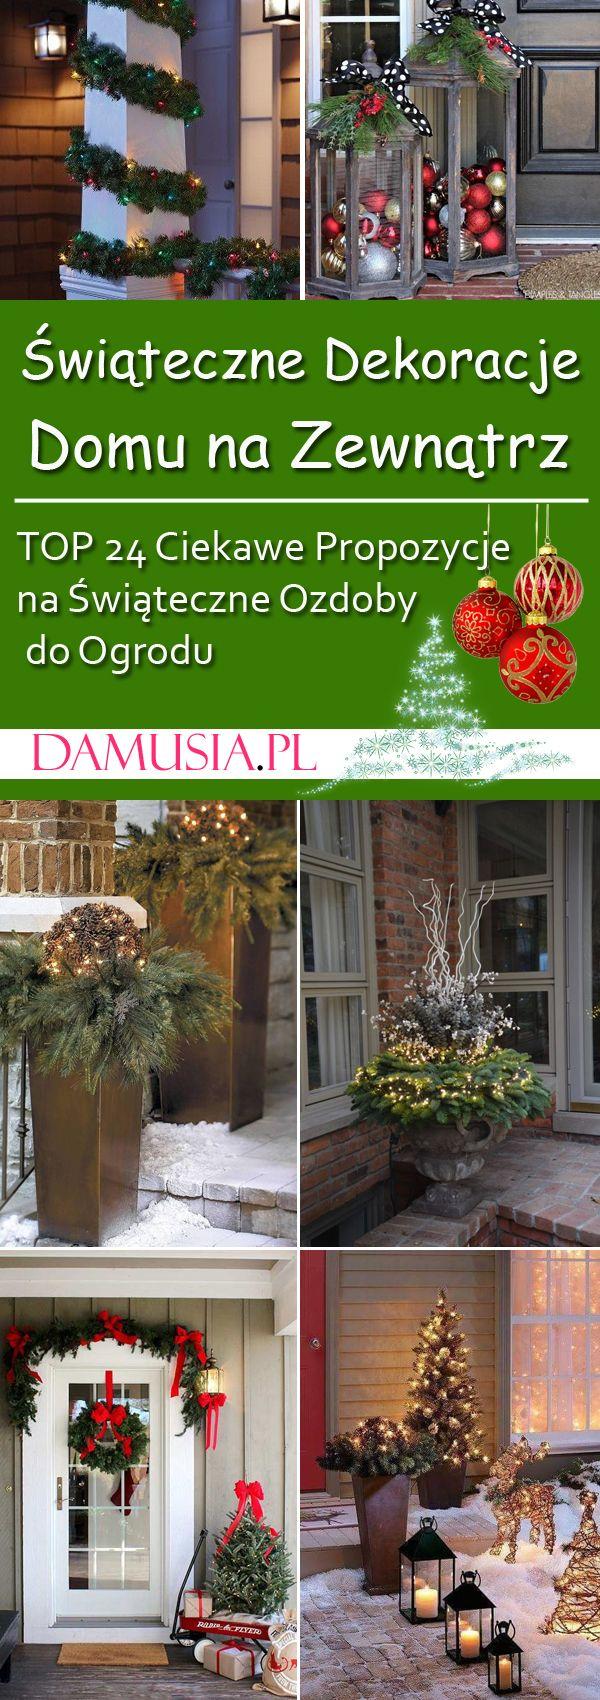 Swiateczne Dekoracje Domu Na Zewnatrz Top 24 Ciekawe Propozycje Na Swiateczne Ozdoby Do Ogrodu Christmas Front Porch Christmas Porch Decor Christmas Porch